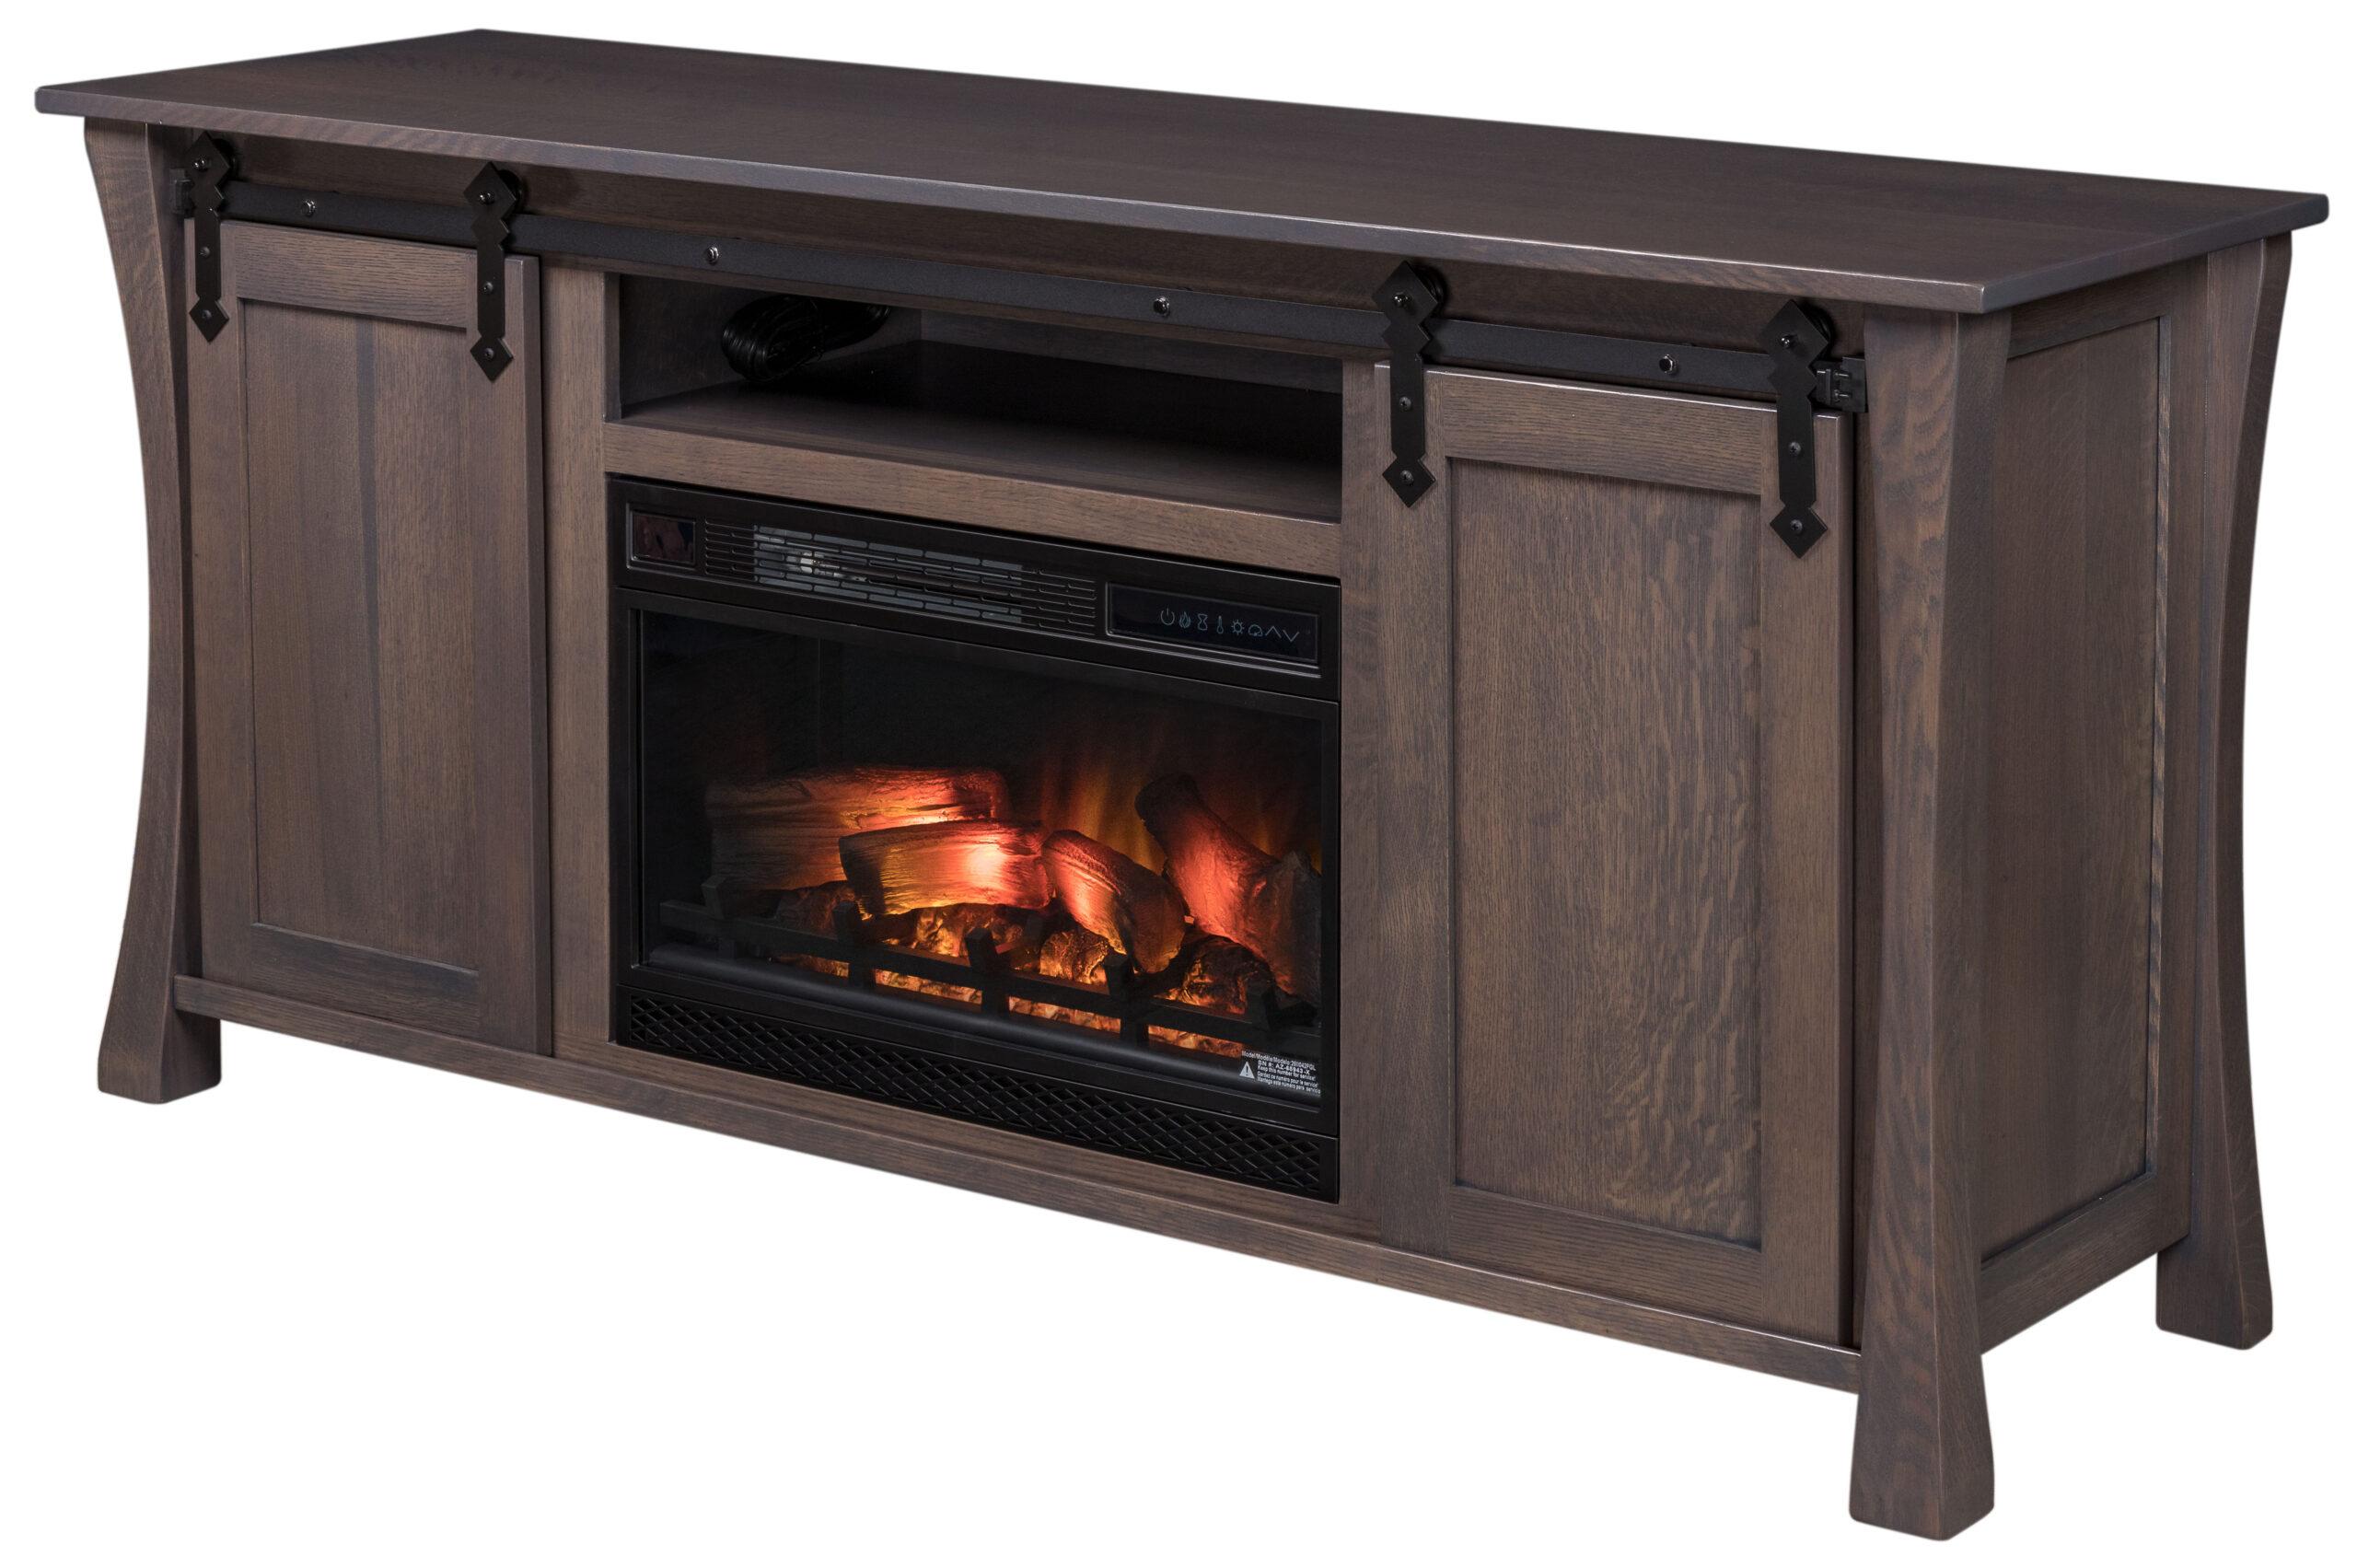 Eldorado Fireplace